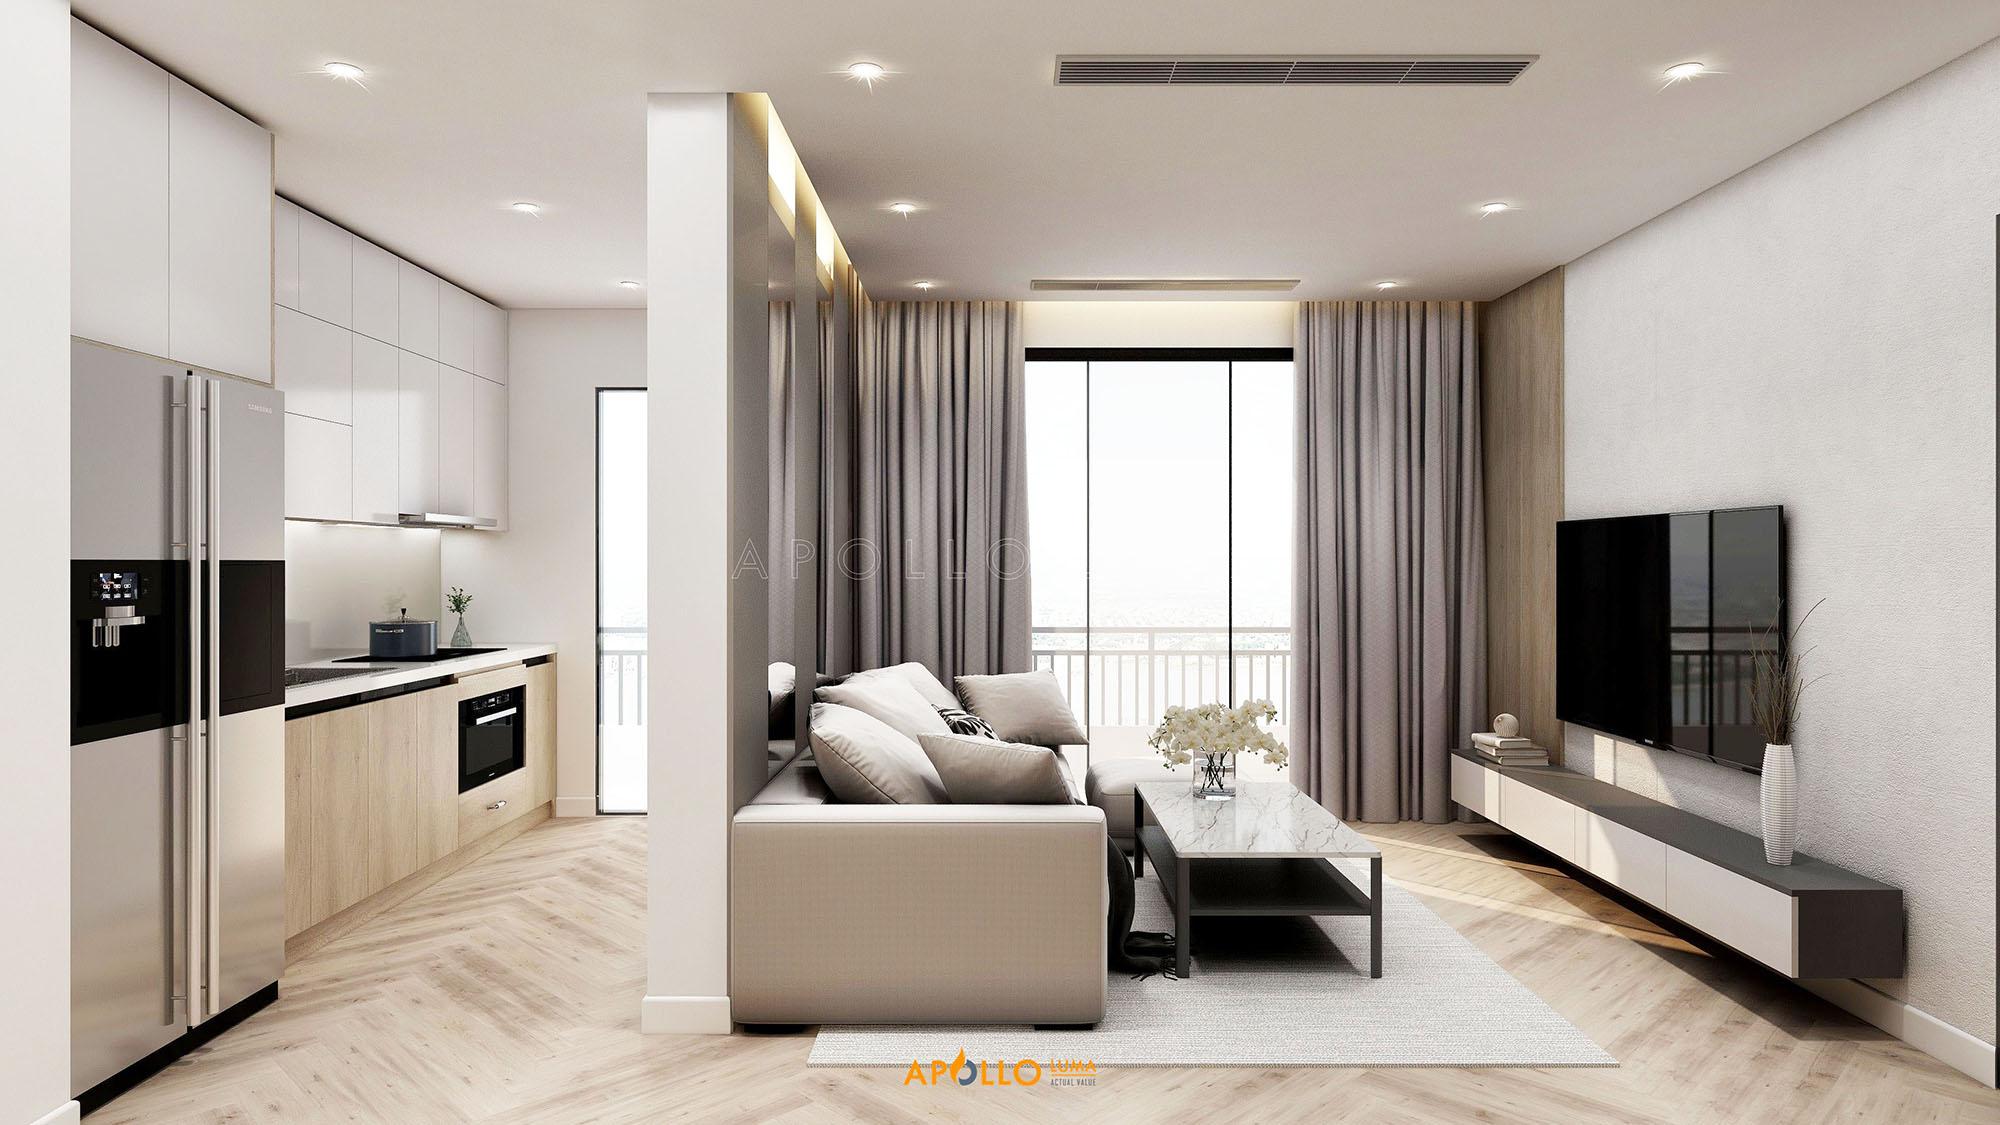 Thiết kế nội thất căn hộ 2 phòng ngủ 74m2 The Terra An Hưng